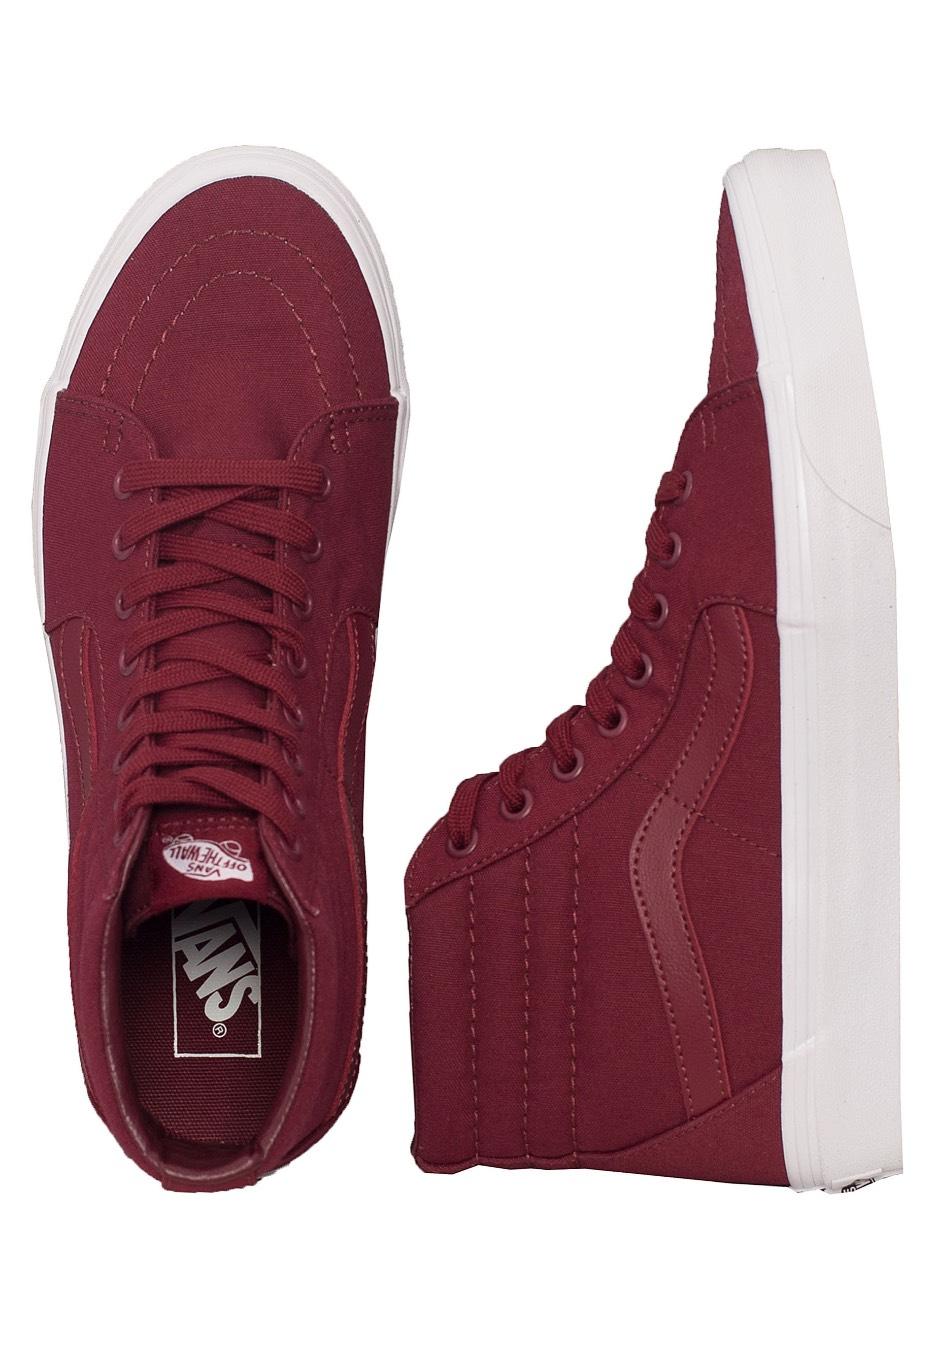 adff6a167c Vans - SK8-Hi Mono Canvas Cabernet - Shoes - Impericon.com US